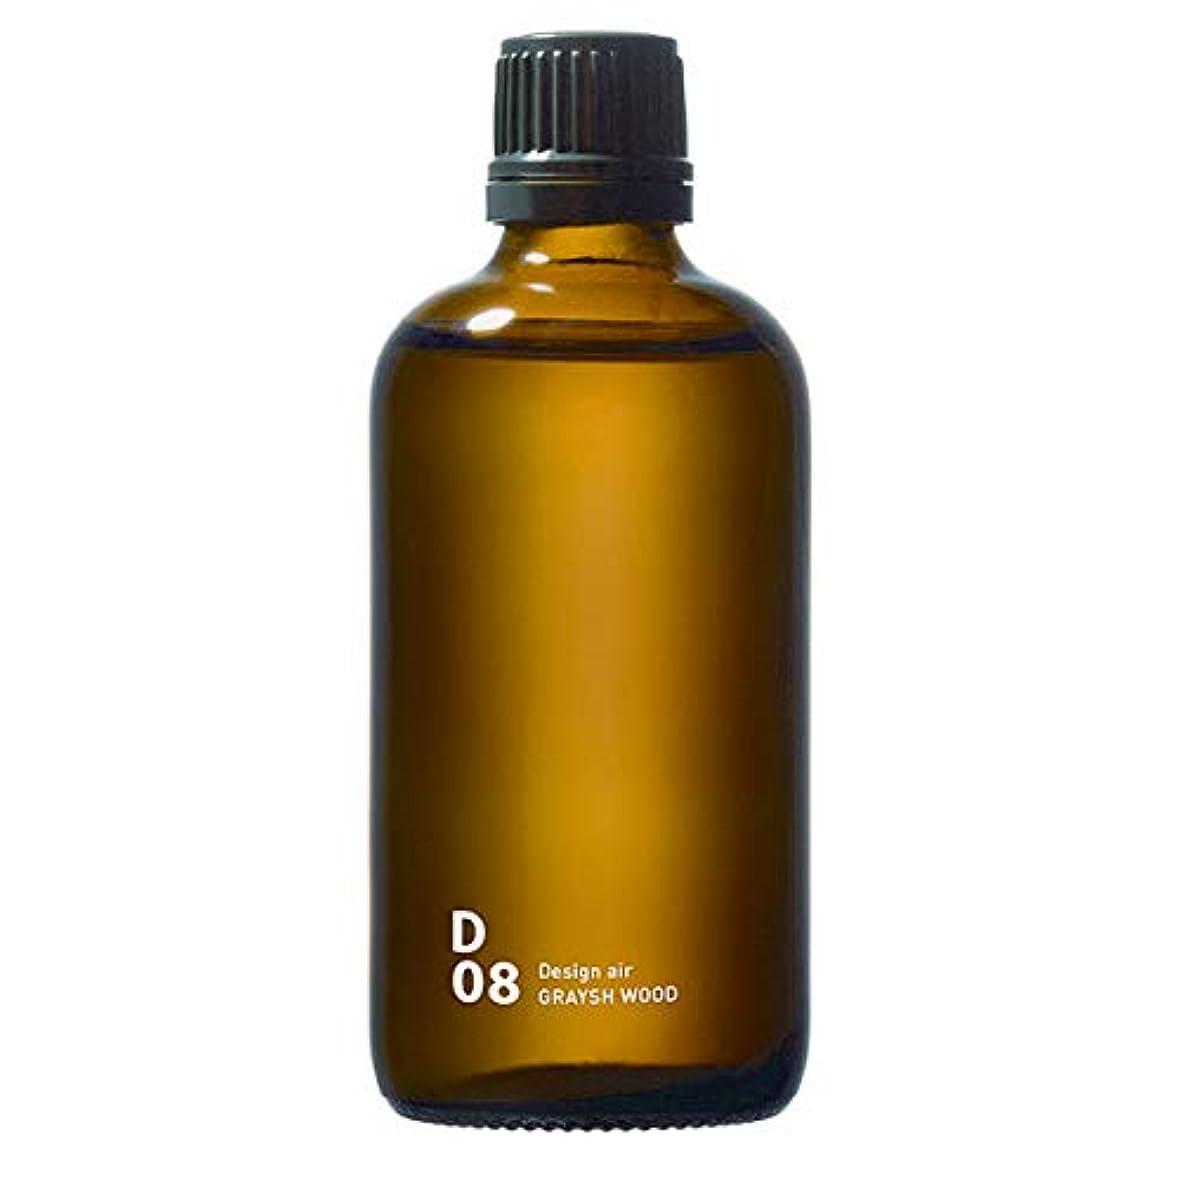 応援する罹患率紳士気取りの、きざなD08 GRAYISH WOOD piezo aroma oil 100ml